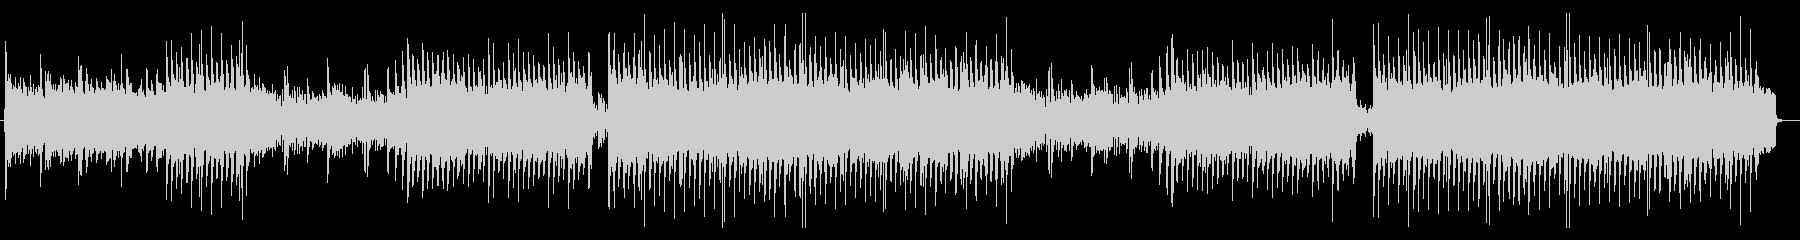 何かが始まるアニソン系元気キュートポップの未再生の波形